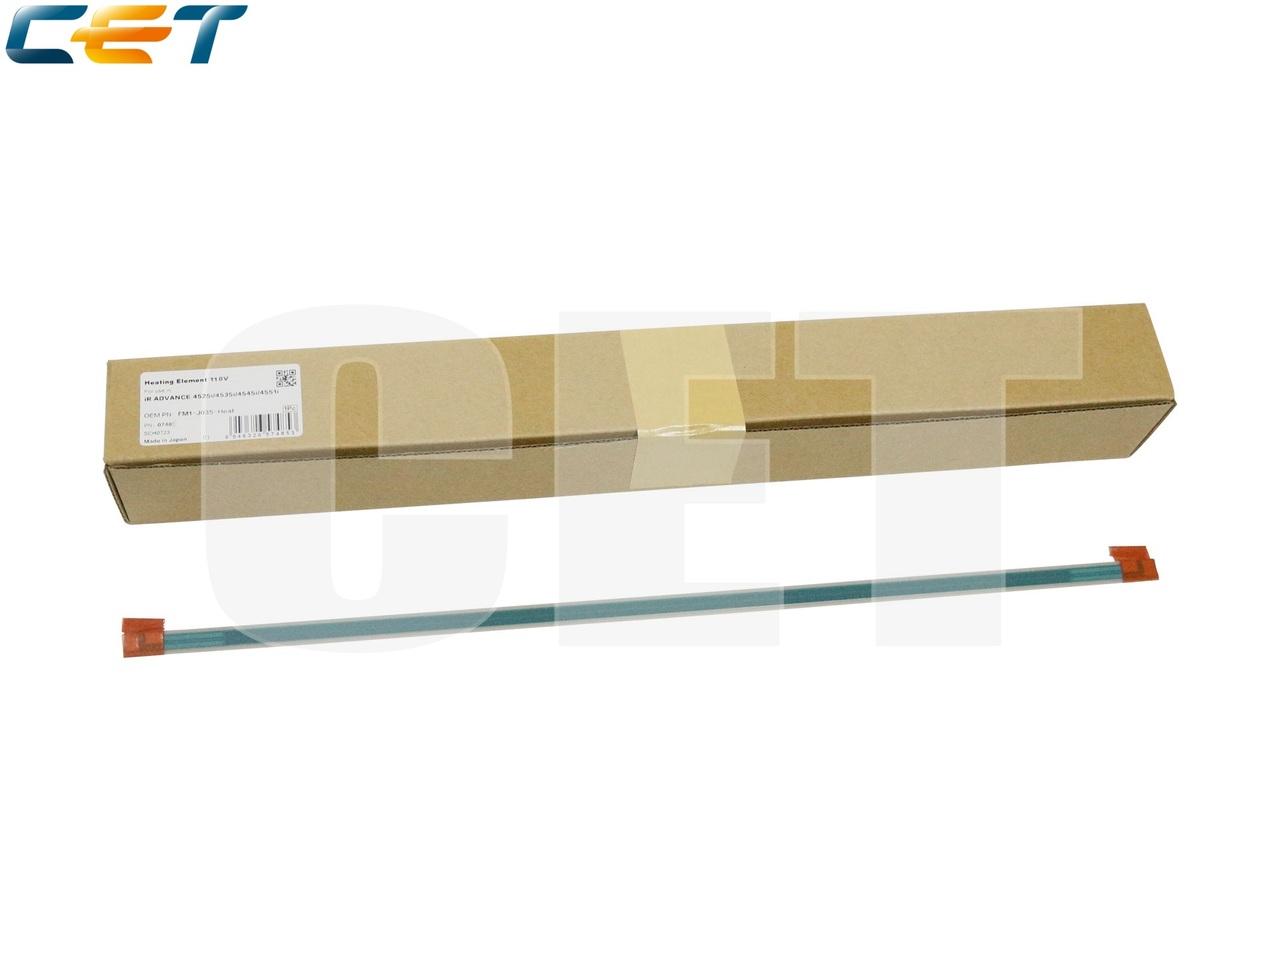 Нагревательный элемент FM1-J039-Heat для CANON iRADVANCE 4525i/4535i/4545i/4551i (CET), CET7484